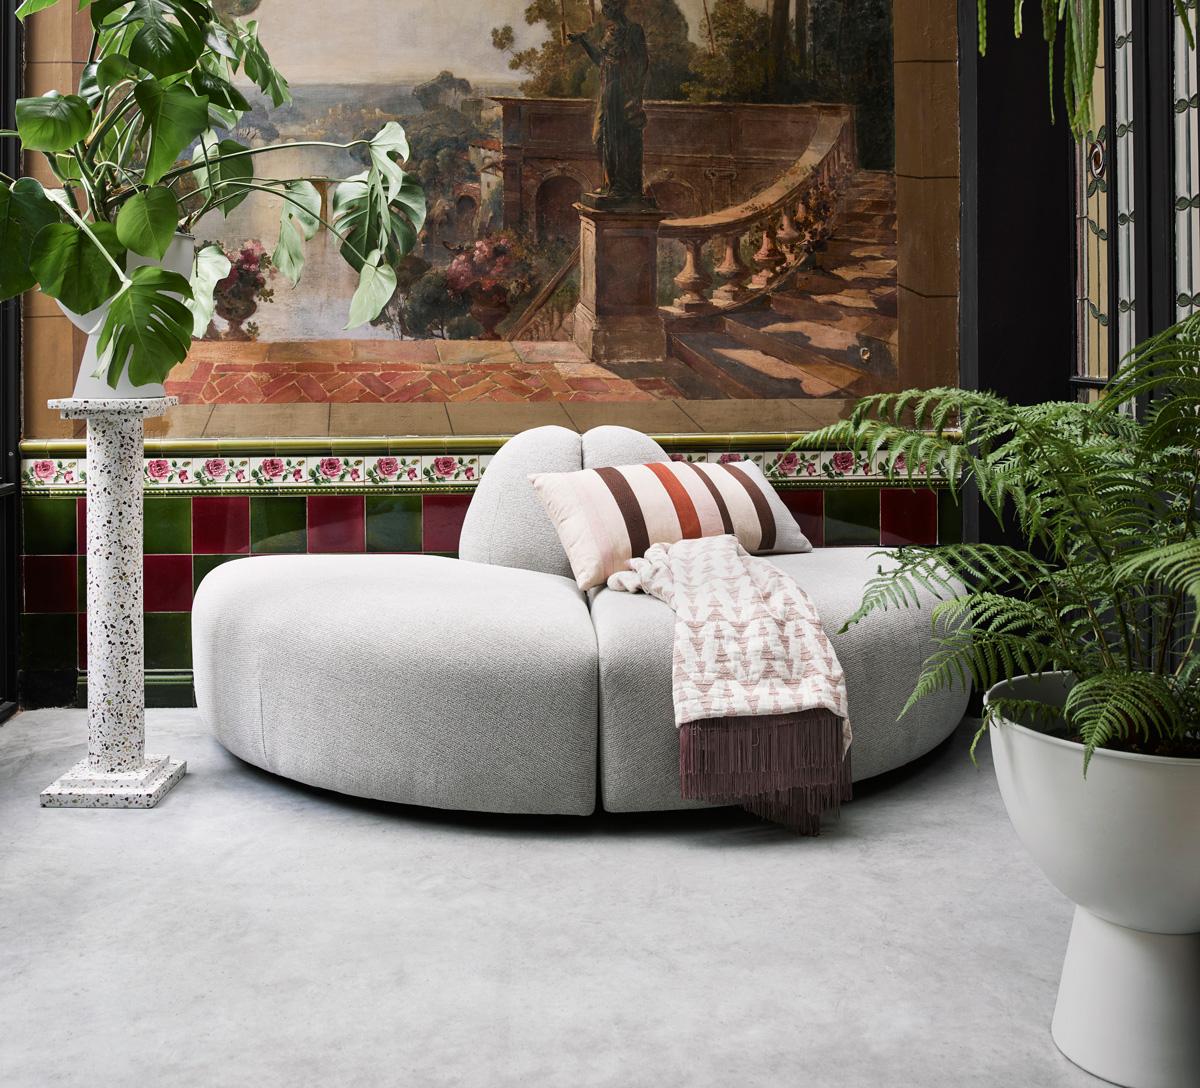 De geometriske former og mønstre er legende elementer, som giver indretningen et dynamisk og energisk præg.